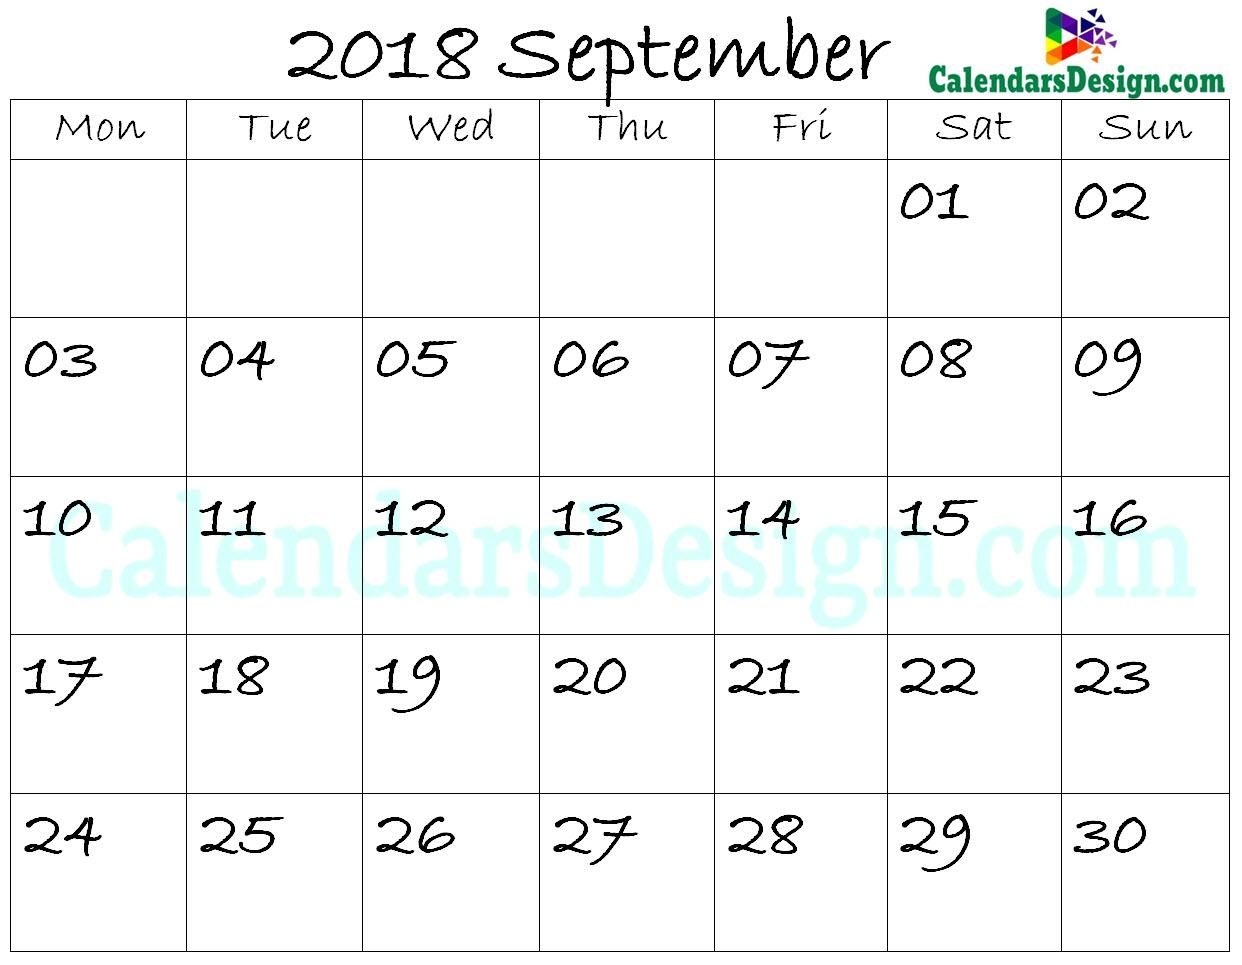 September Calendar 2018 Template